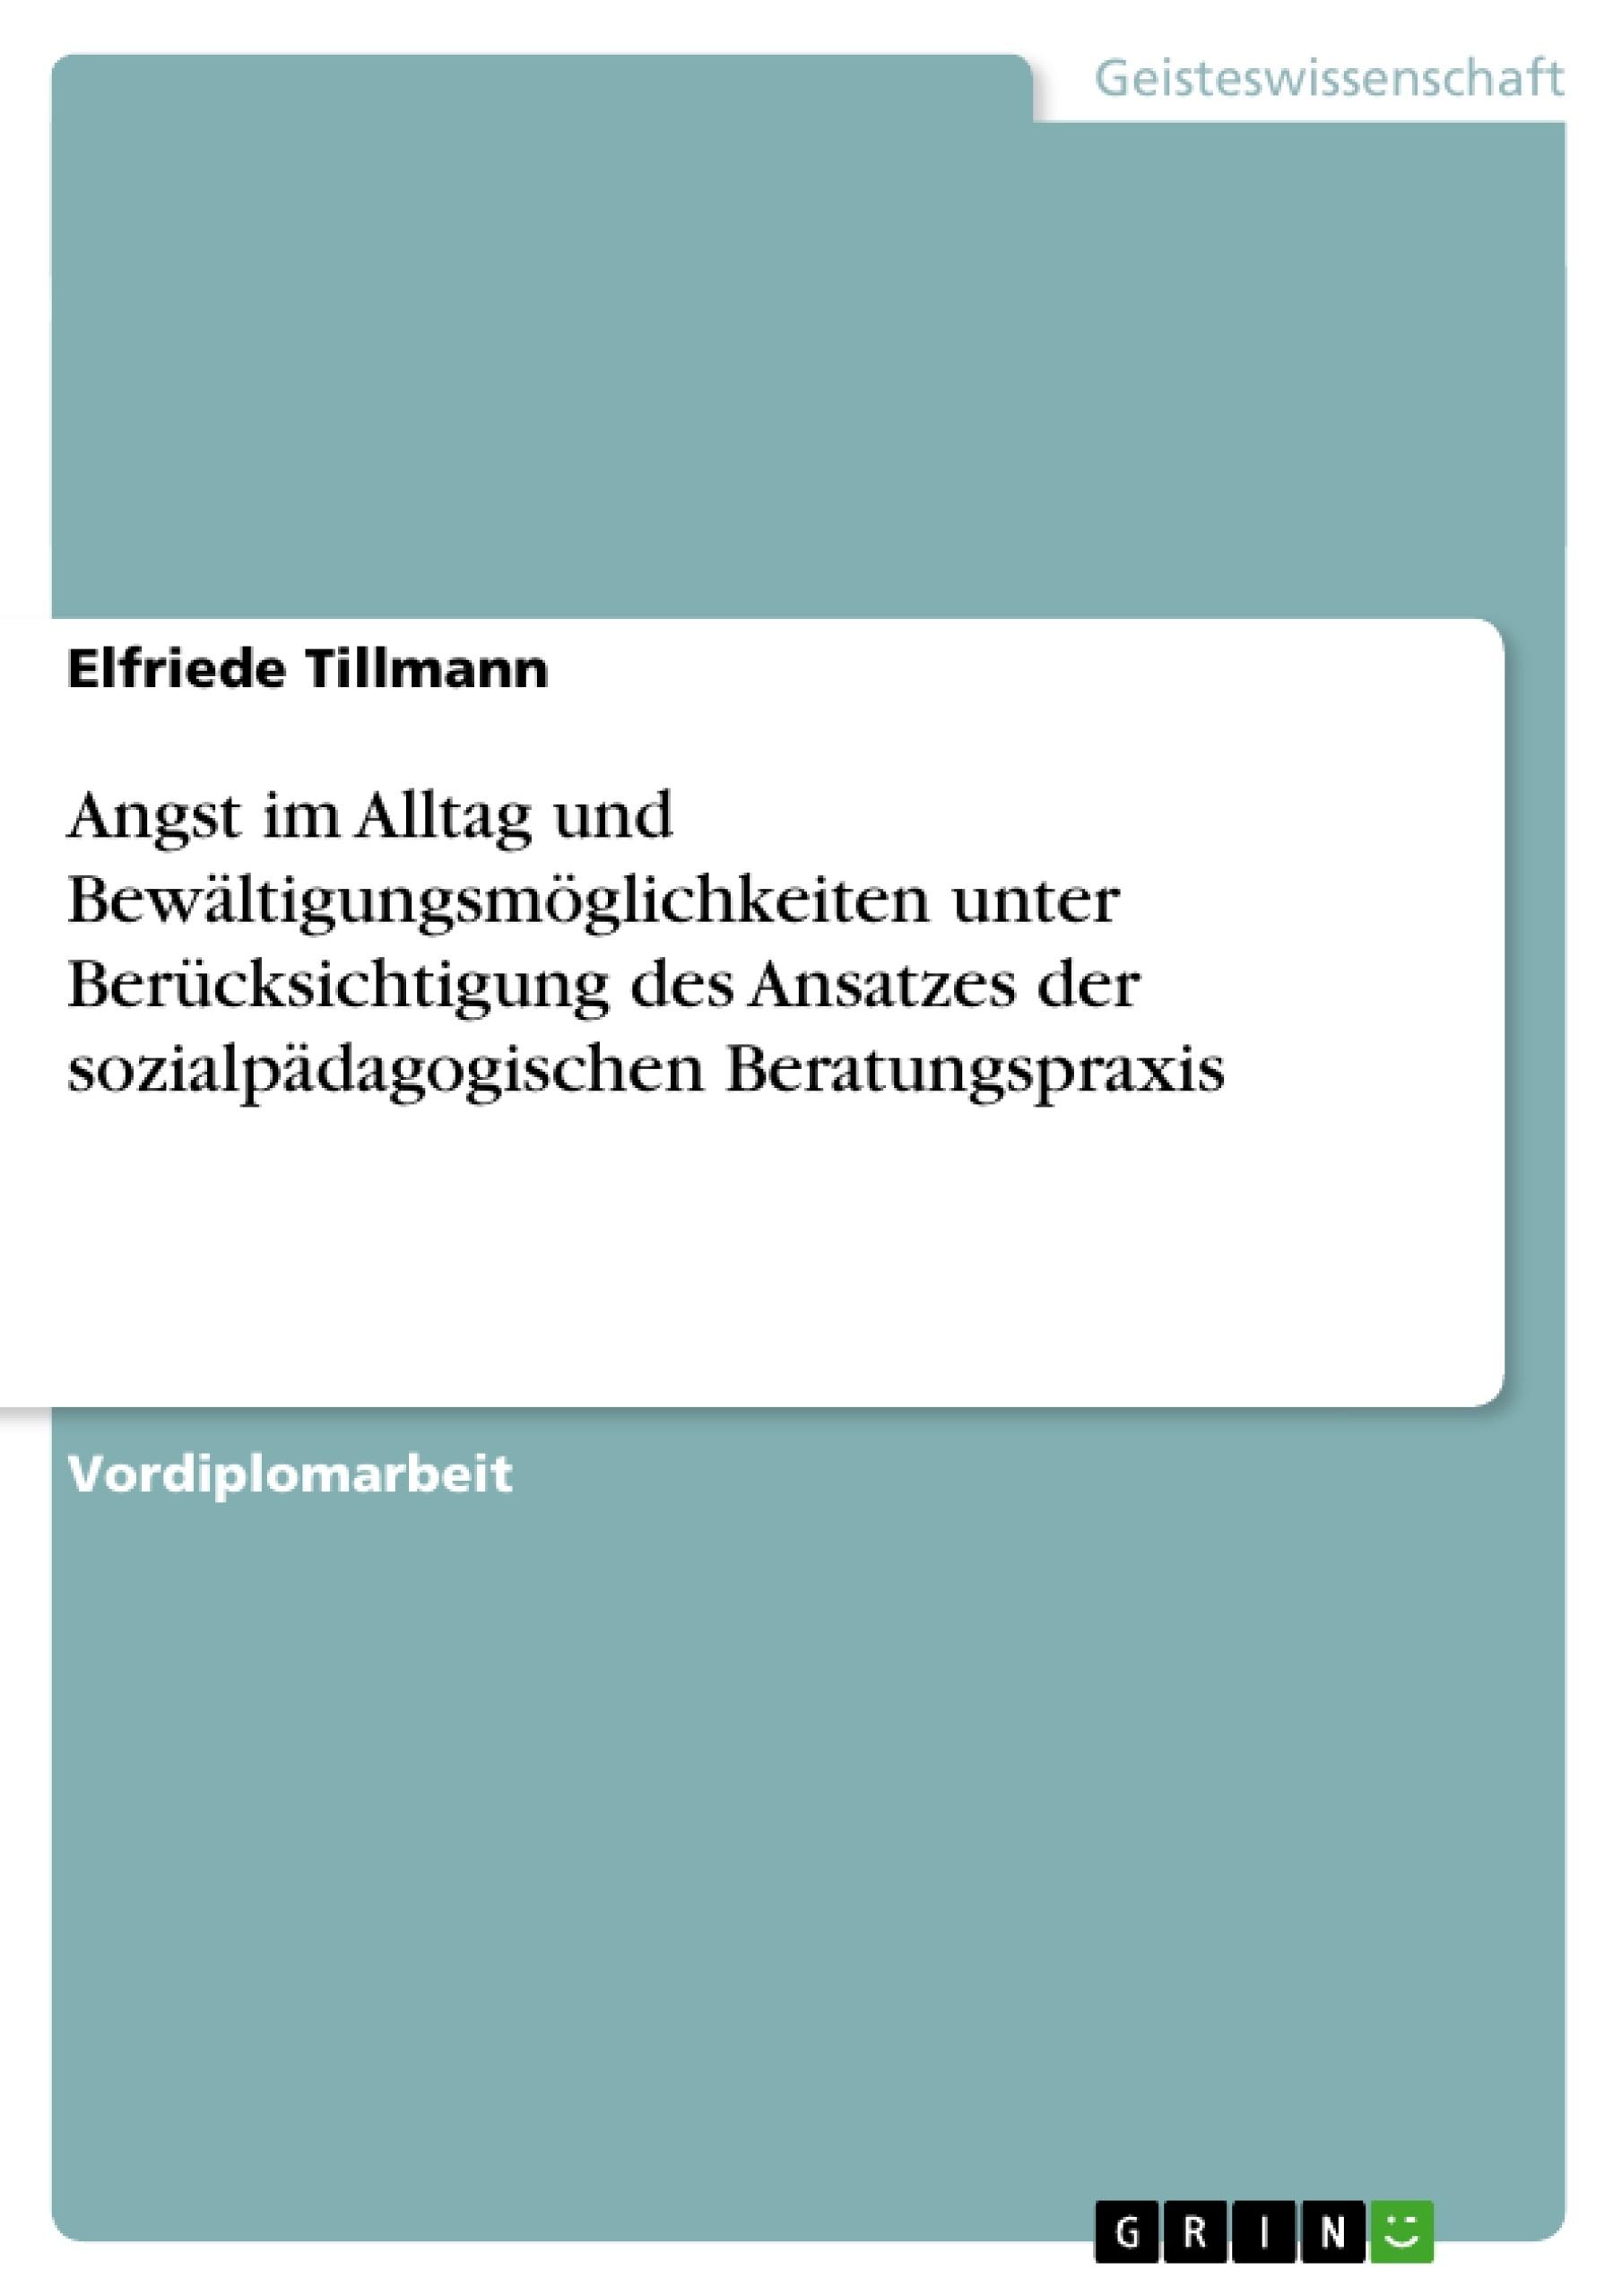 Titel: Angst im Alltag und Bewältigungsmöglichkeiten unter Berücksichtigung des Ansatzes der sozialpädagogischen Beratungspraxis